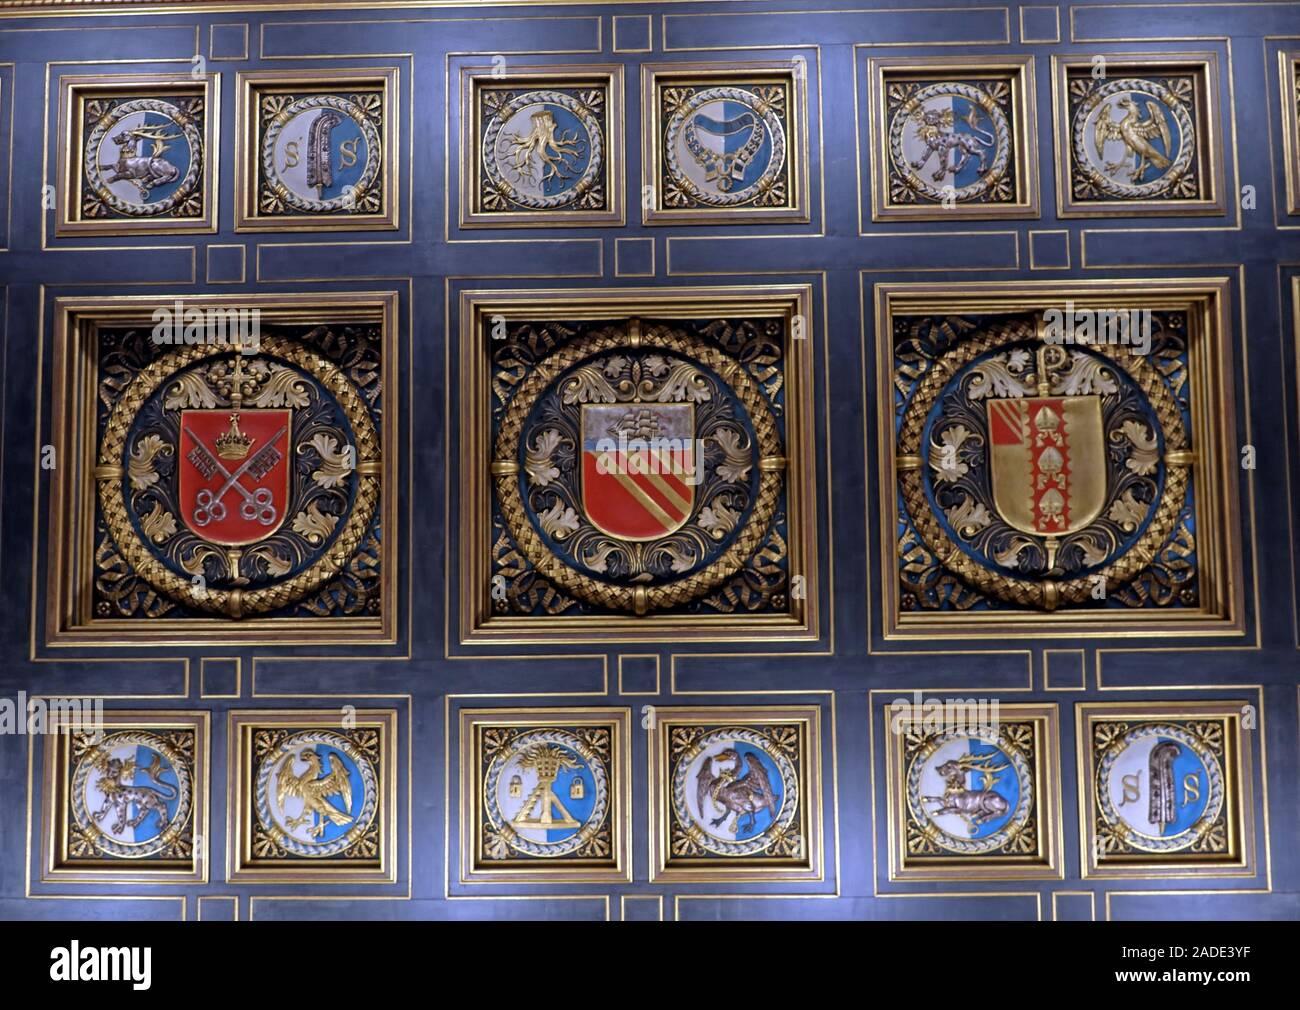 Dieses Stockfoto: Manchester Central Library - Stadtwappen von der Eingangsdecke, Wappen und Wappen des Herzogtums Lancaster, der See von York, der See von Manchester - 2ADE3Y